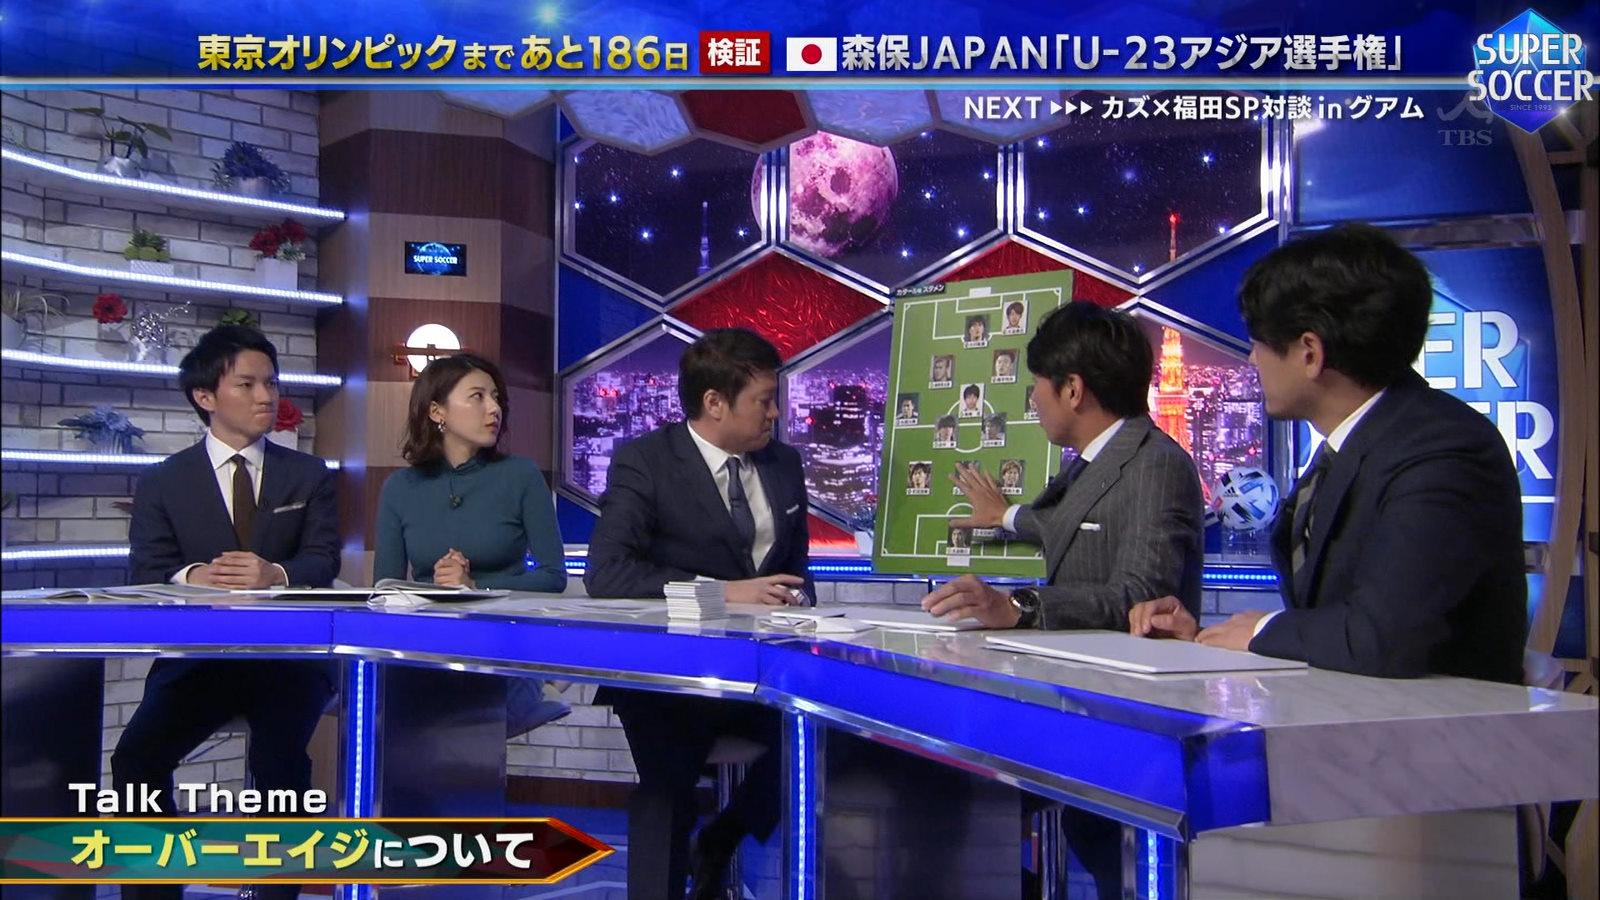 上村彩子_女子アナ_おっぱい_スーパーサッカー_11